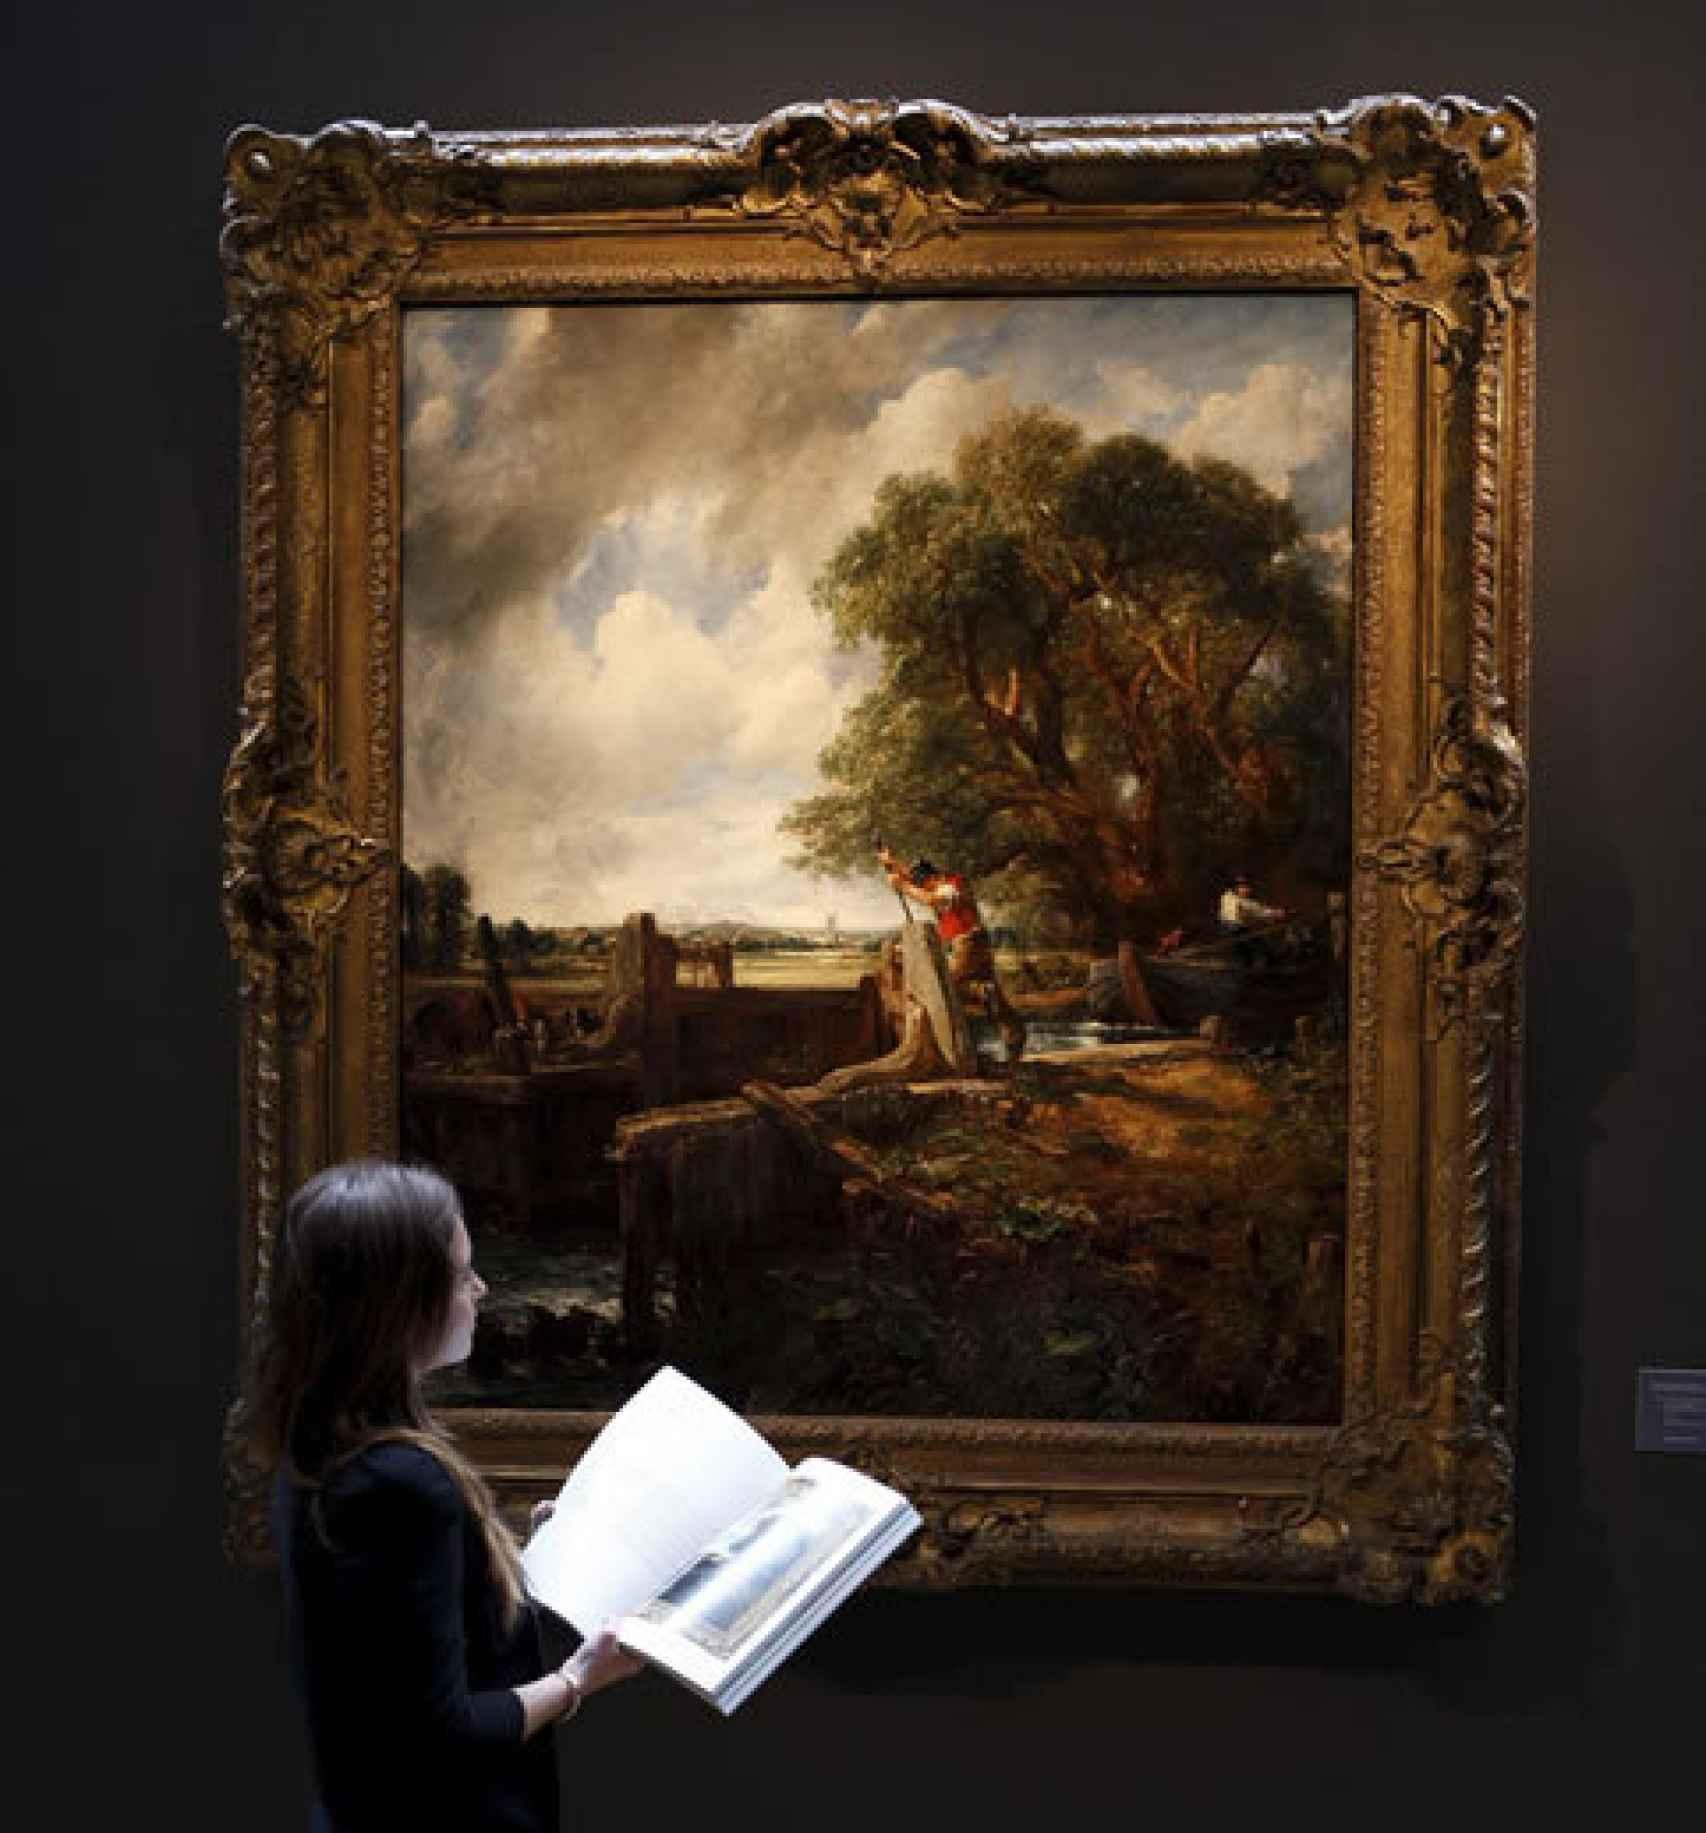 La obra de Constable, La esclusa, en la casa de subastas que la vendió, en 2012.